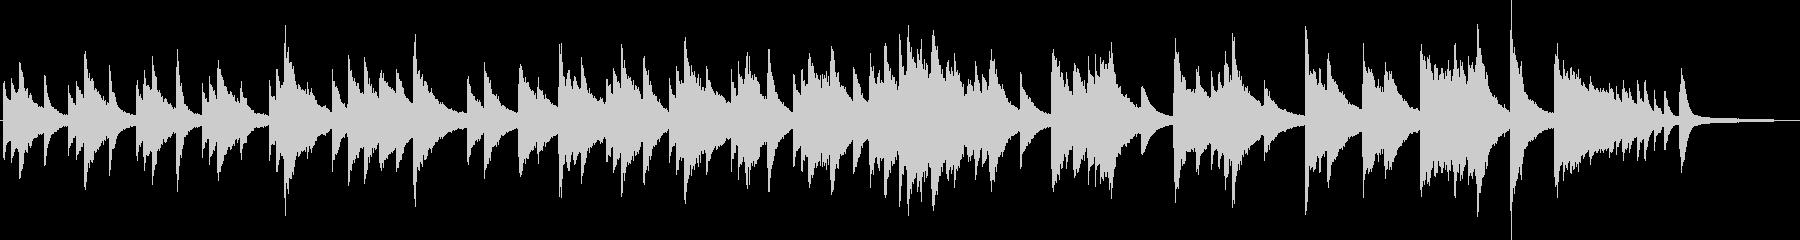 ピアノ演奏/ワイン・チーズ等が熟成する音の未再生の波形